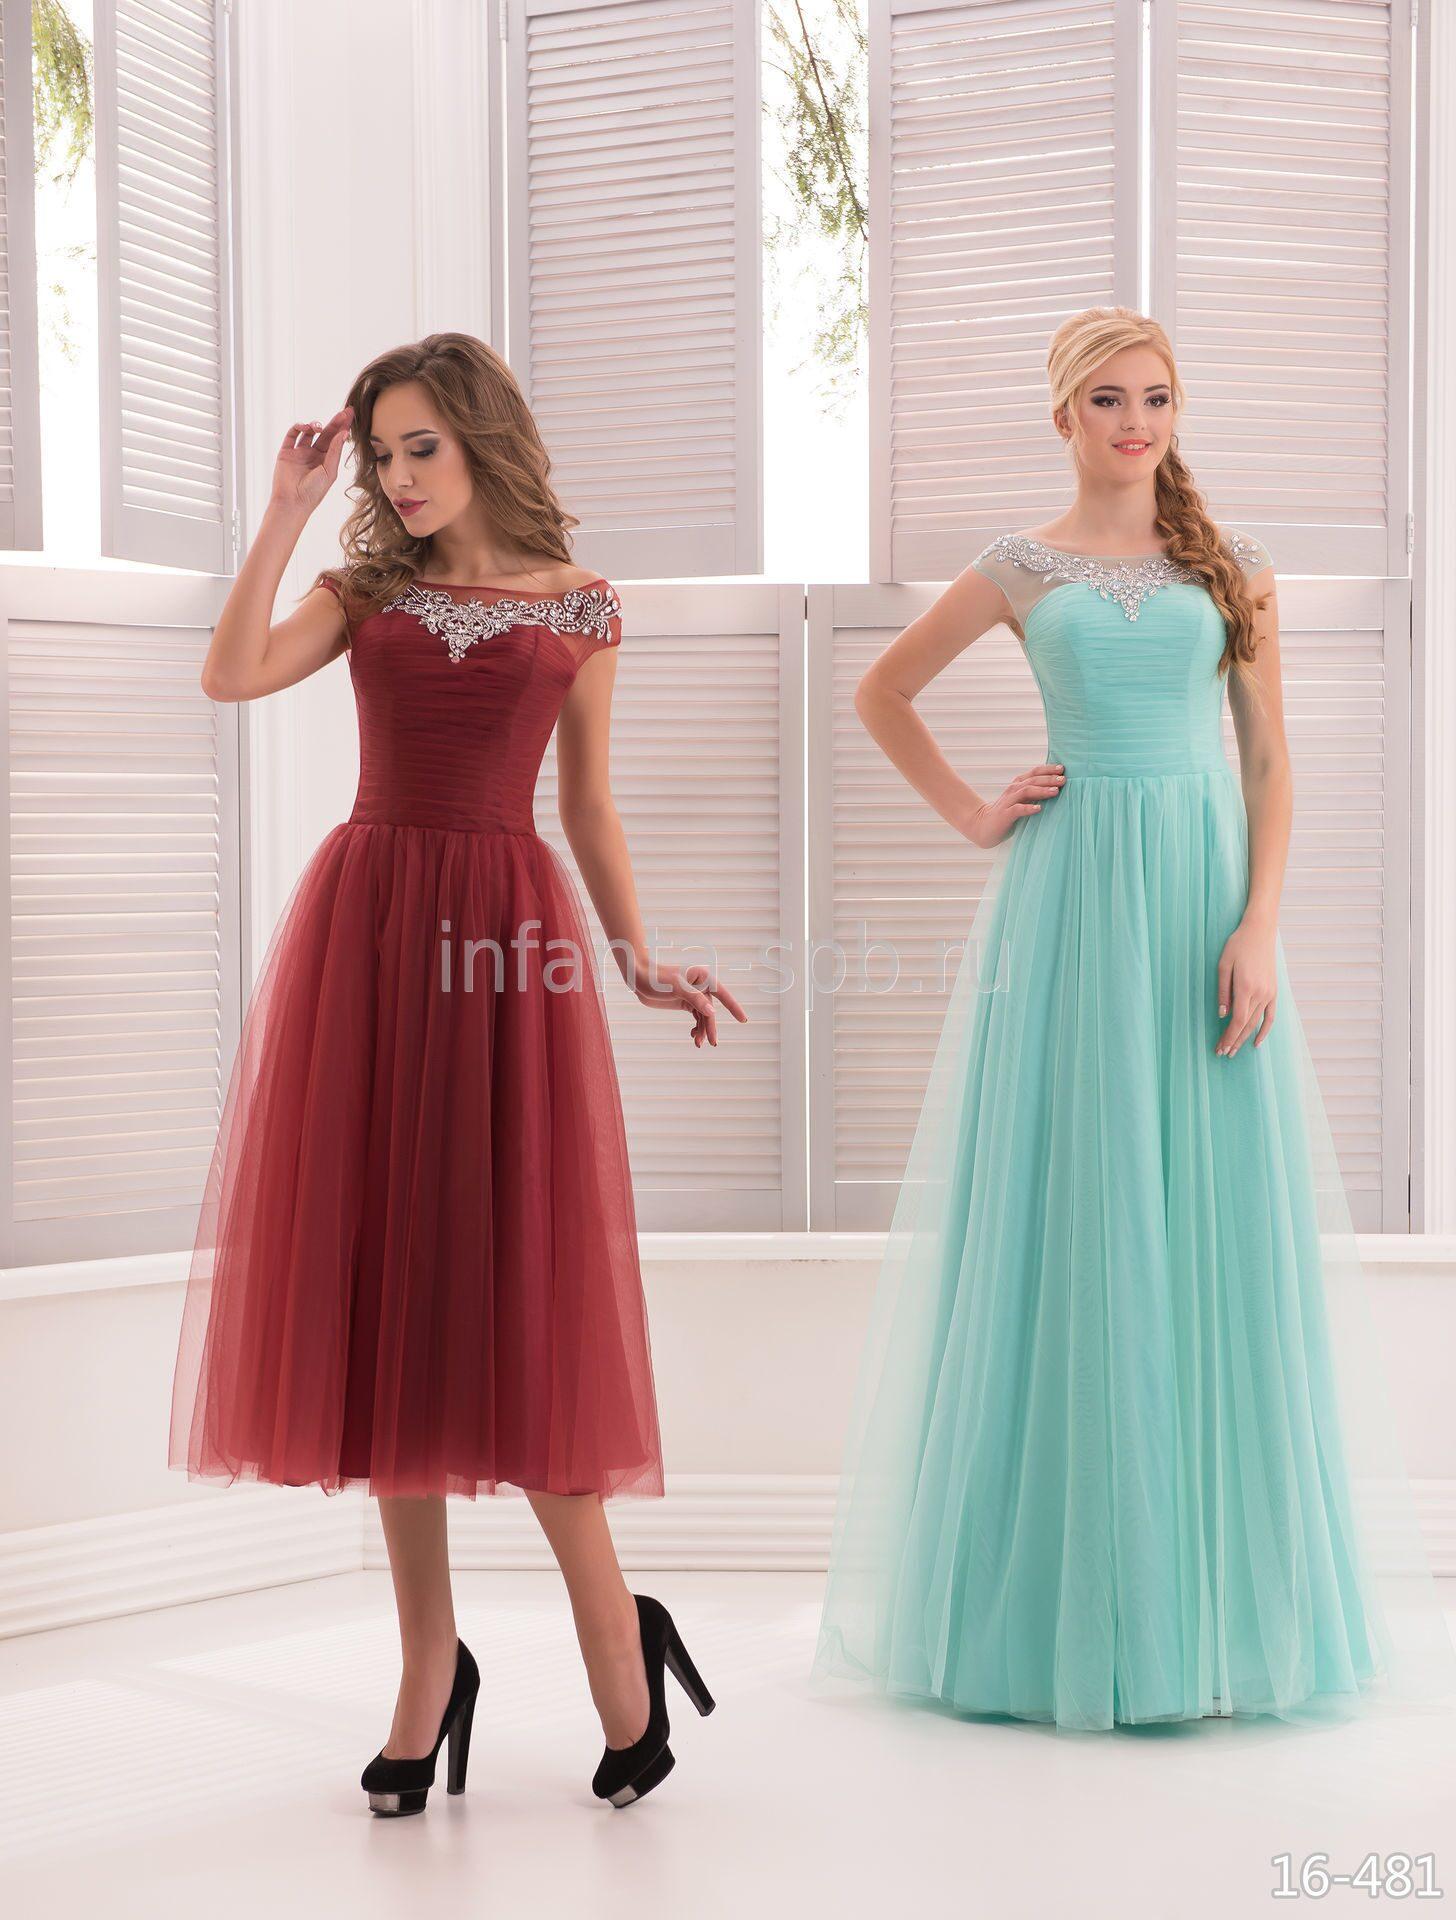 Купить платье по акции в спб